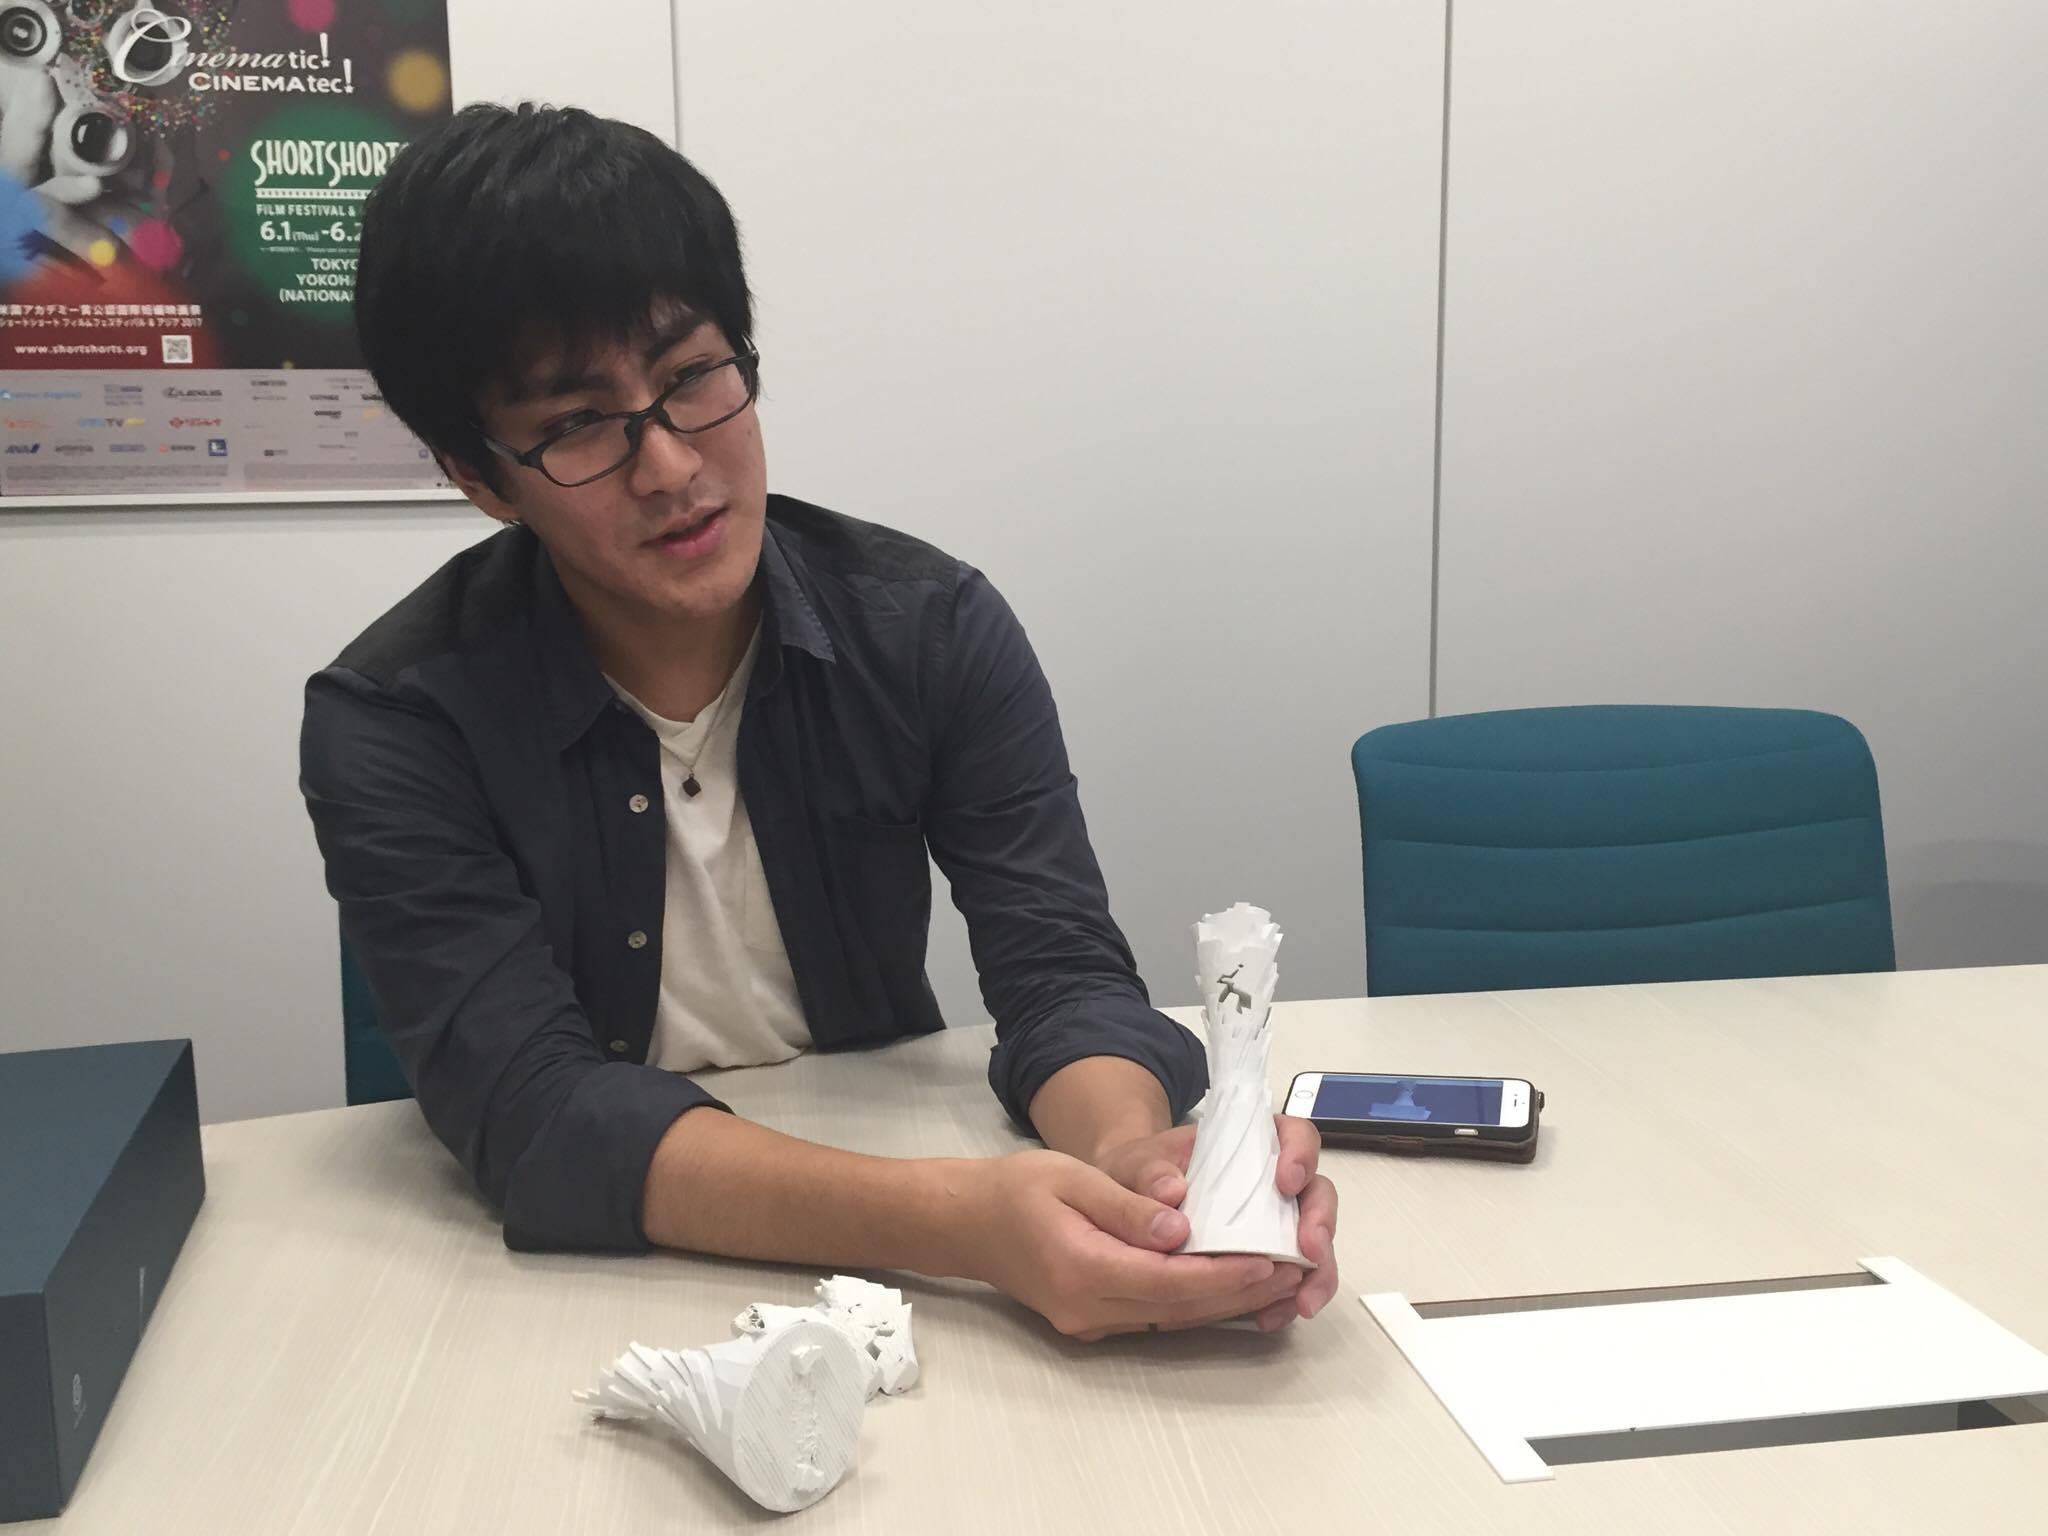 デジタルハリウッド大学4年生 金刺龍賢さんの写真 その2